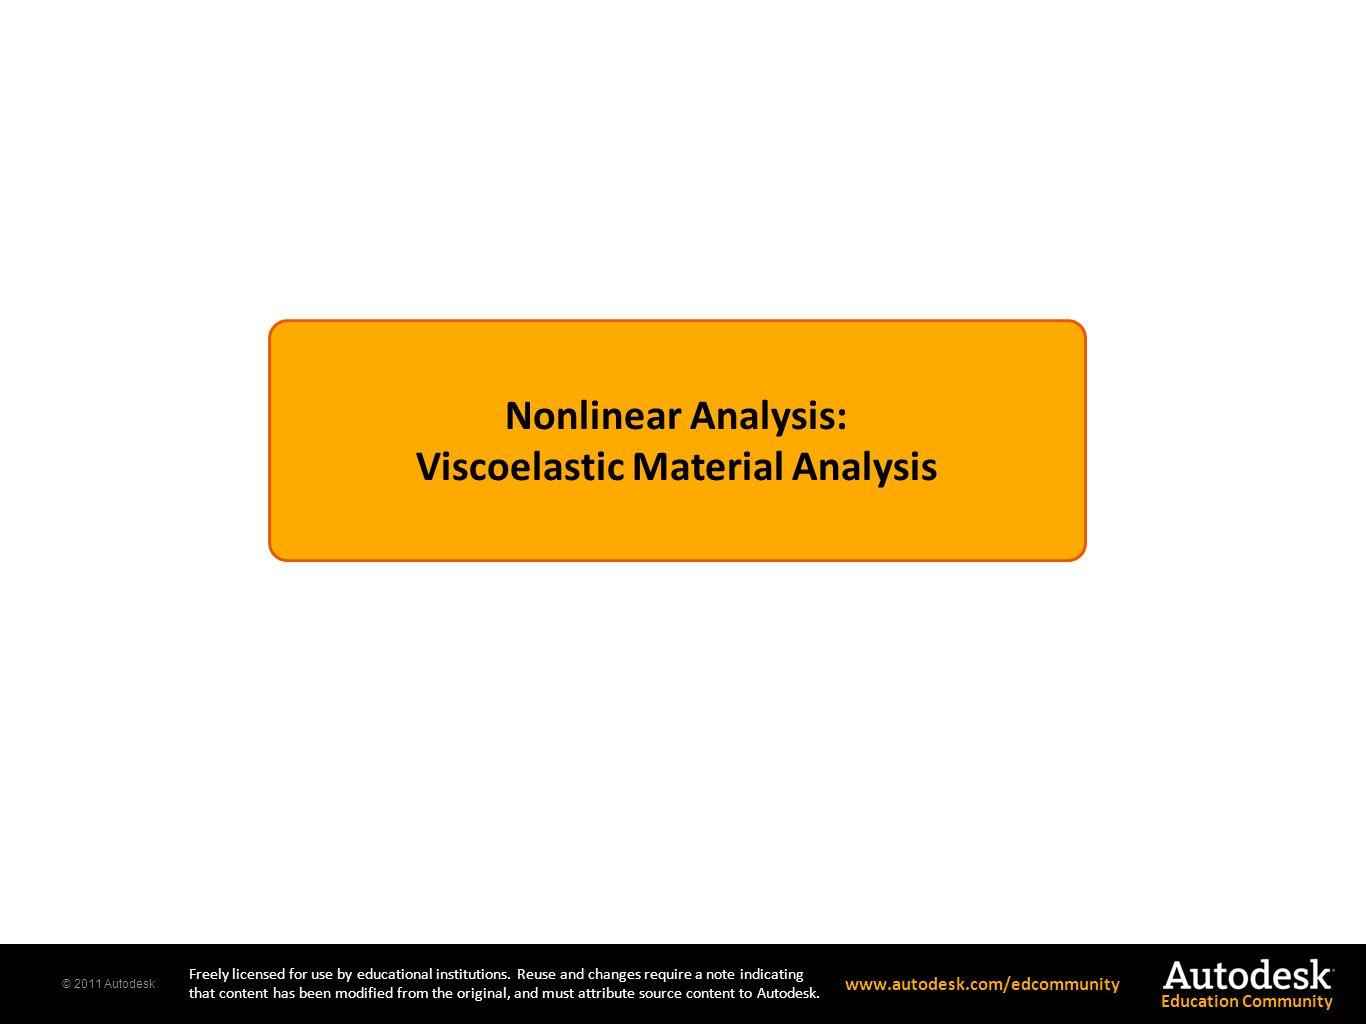 Viscoelastic Material Analysis